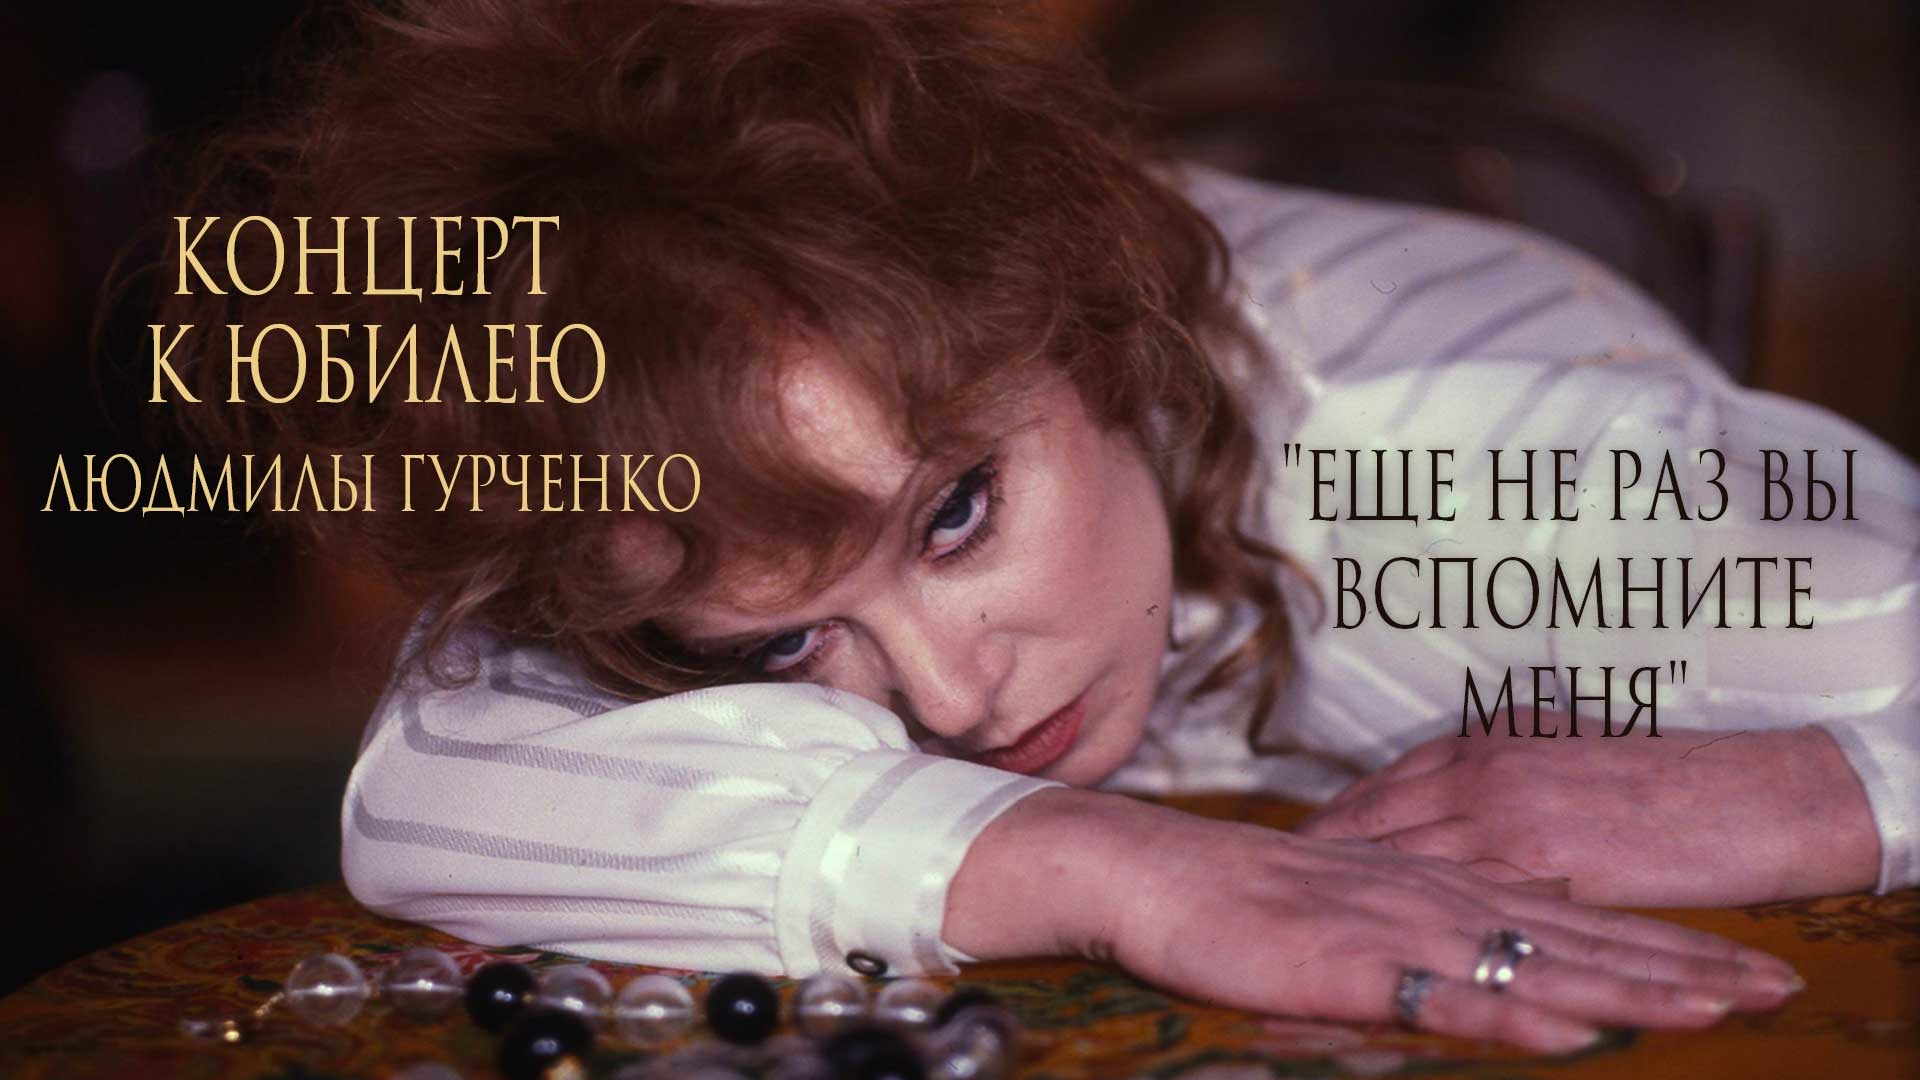 """Концерт к юбилею Людмилы Гурченко """"Еще не раз вы вспомните меня"""""""